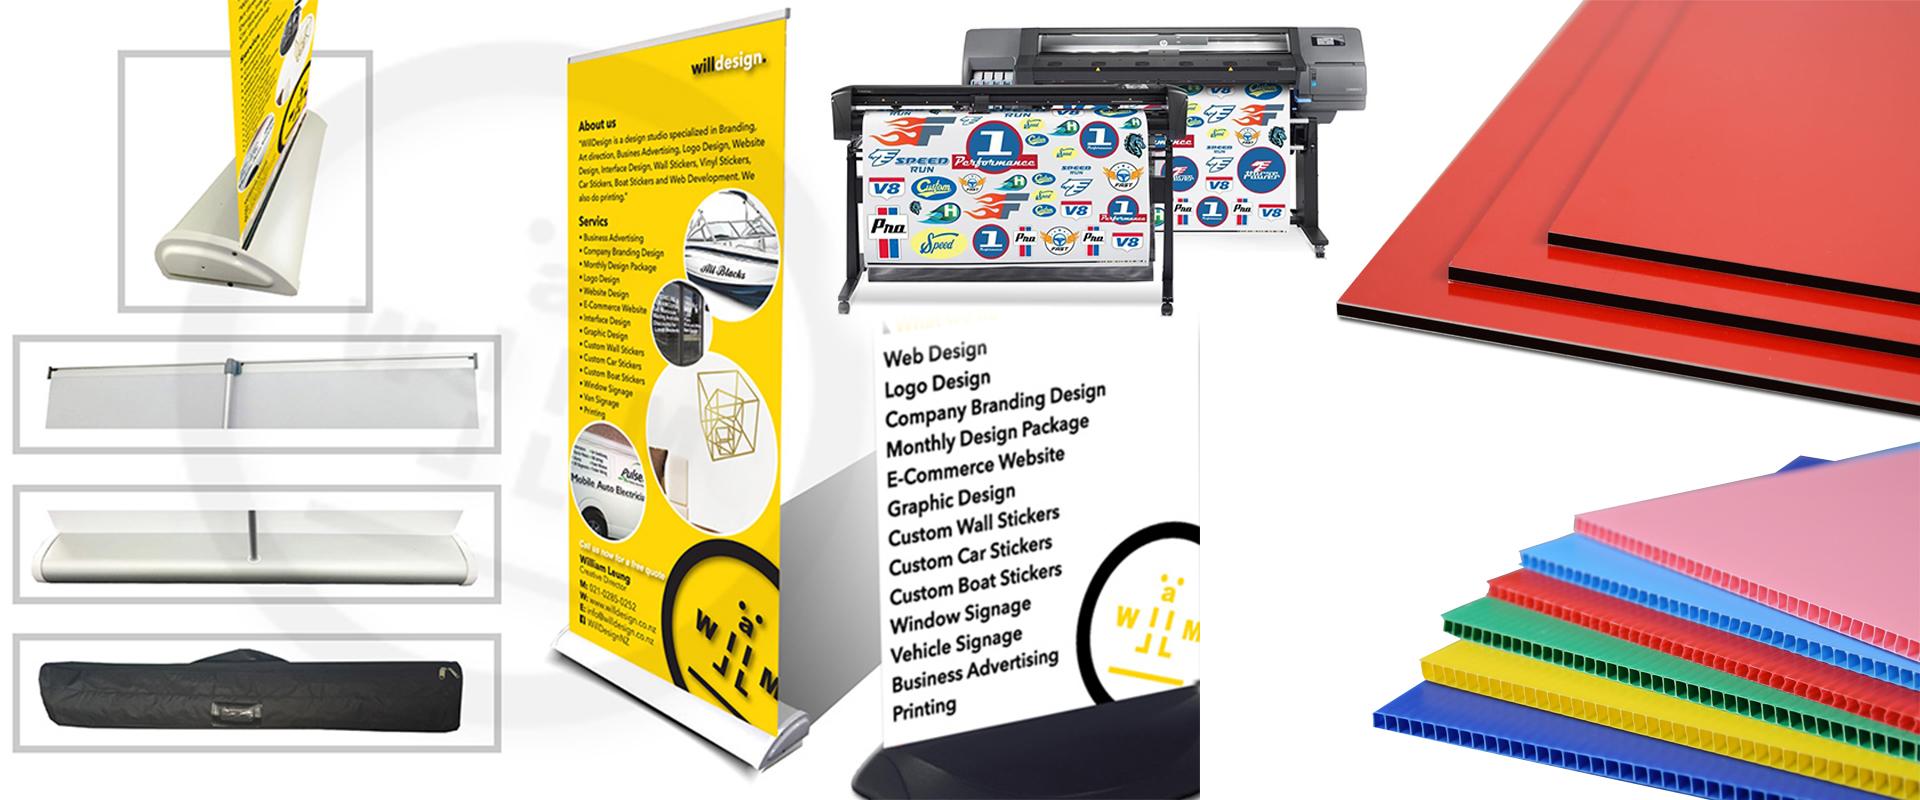 Signage - Signage - Web Design - Graphic Design - WillDesign